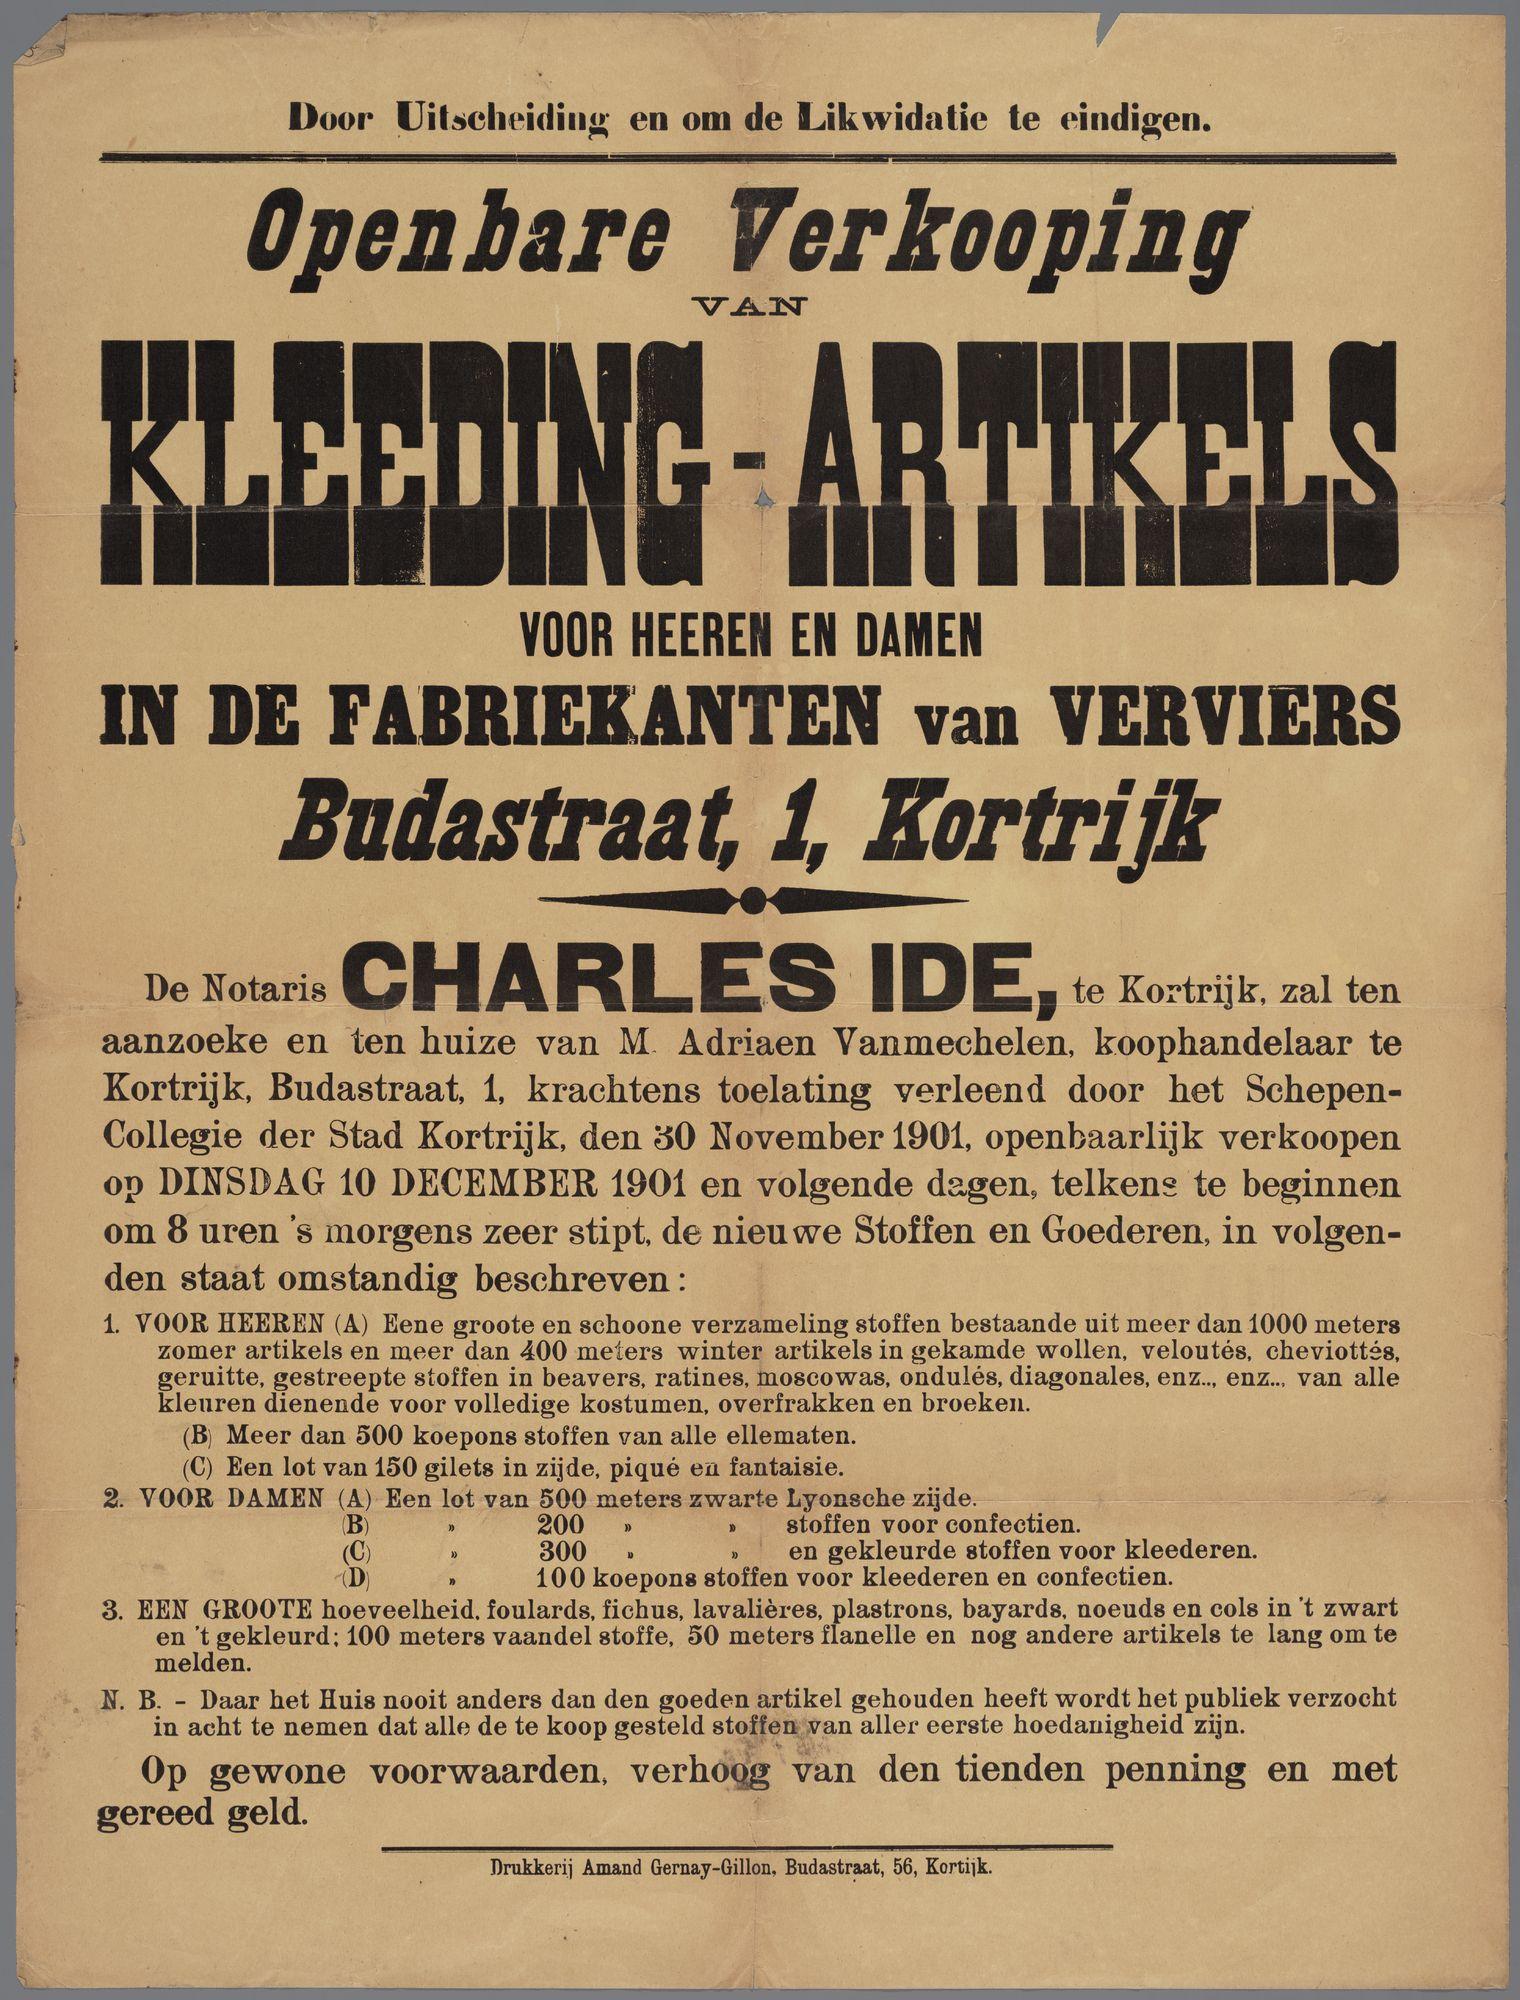 Openbare verkoop van kleding 1901